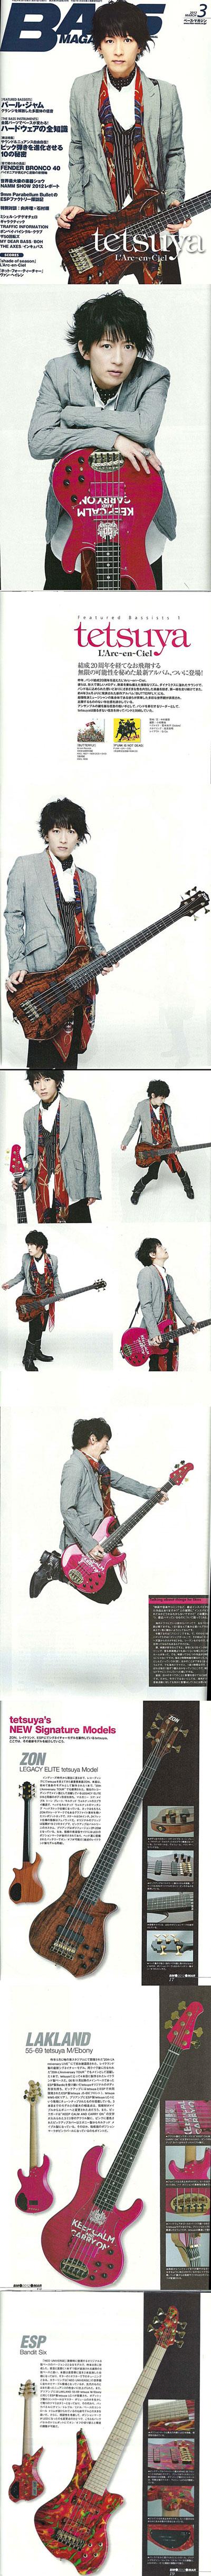 tetsuya-bass-magazine-2012MAR.jpg